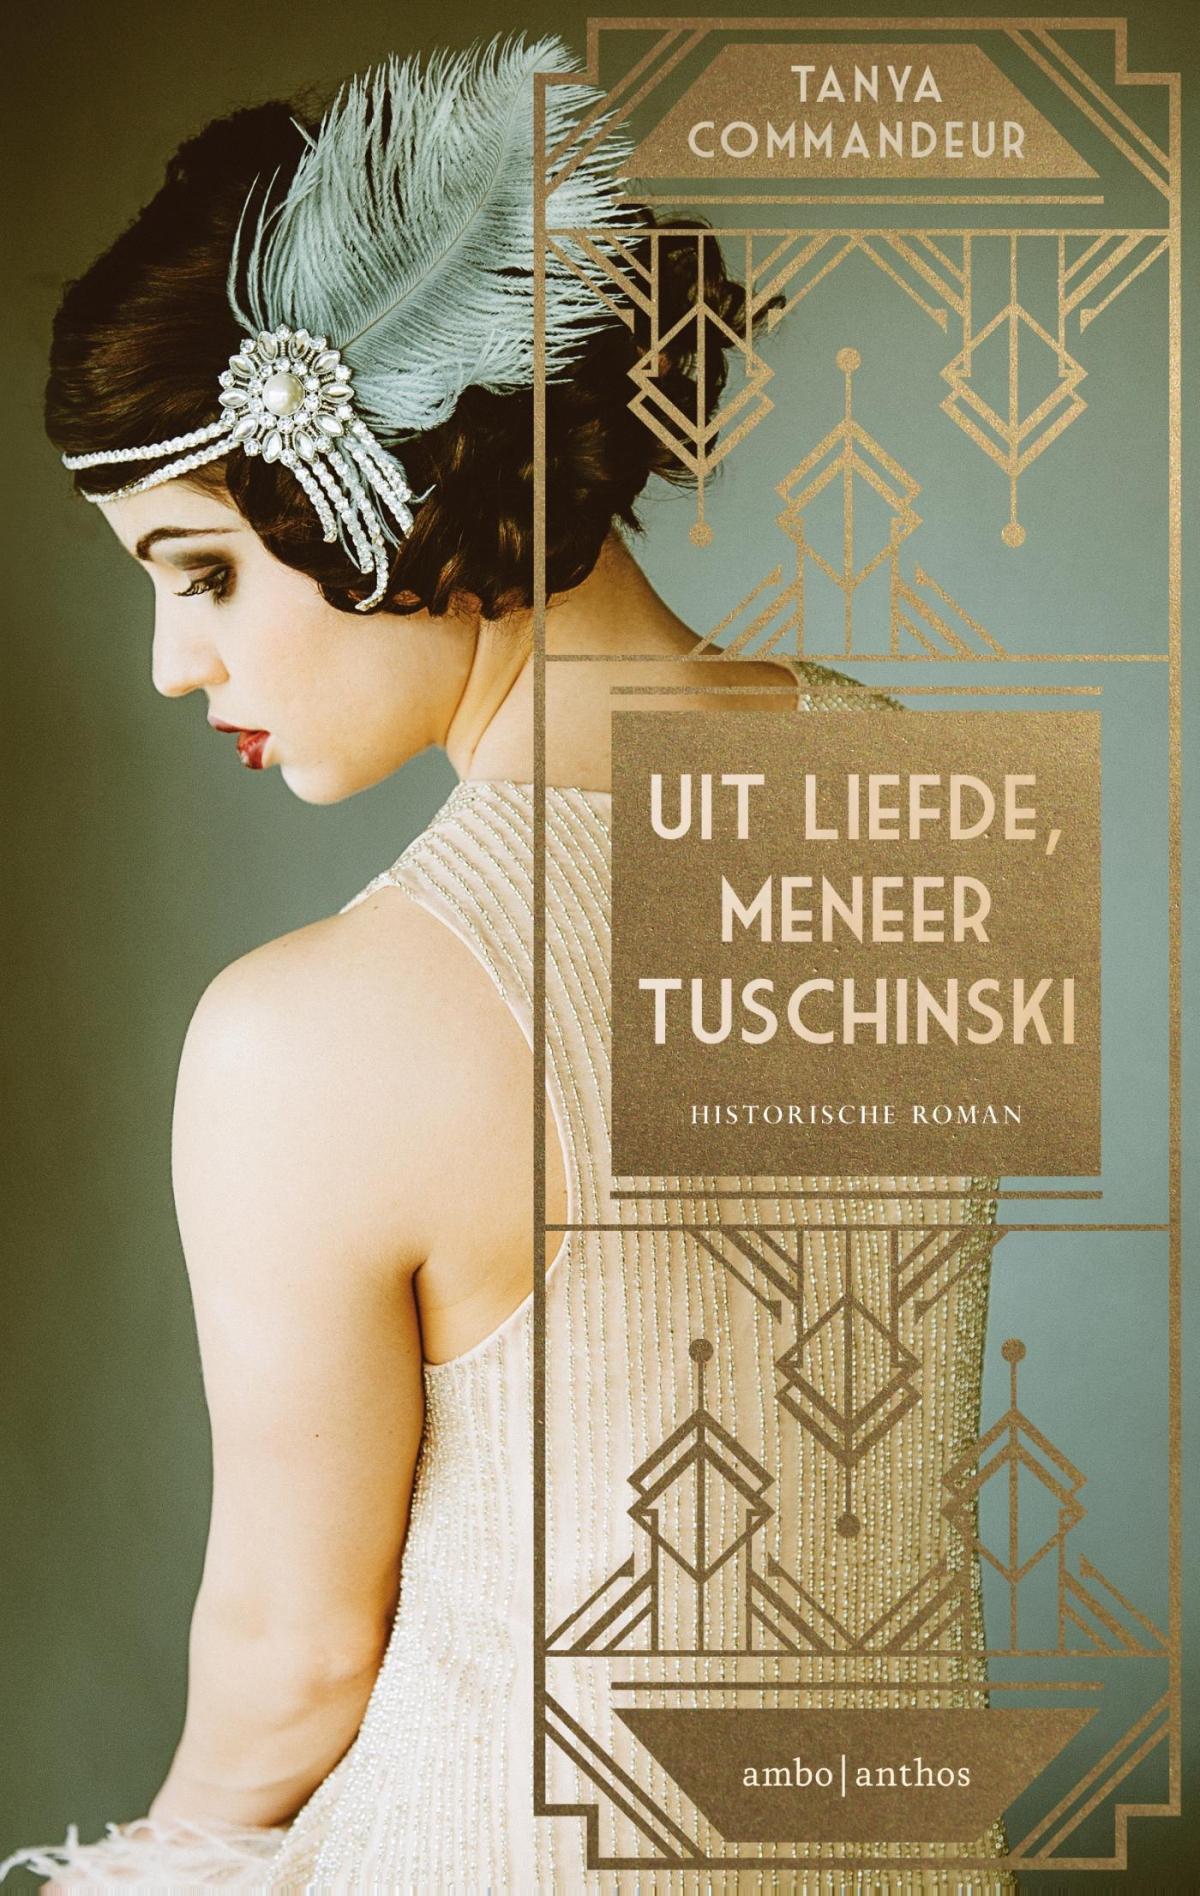 Uit liefde, meneer Tuschinski - Tanya Commandeur